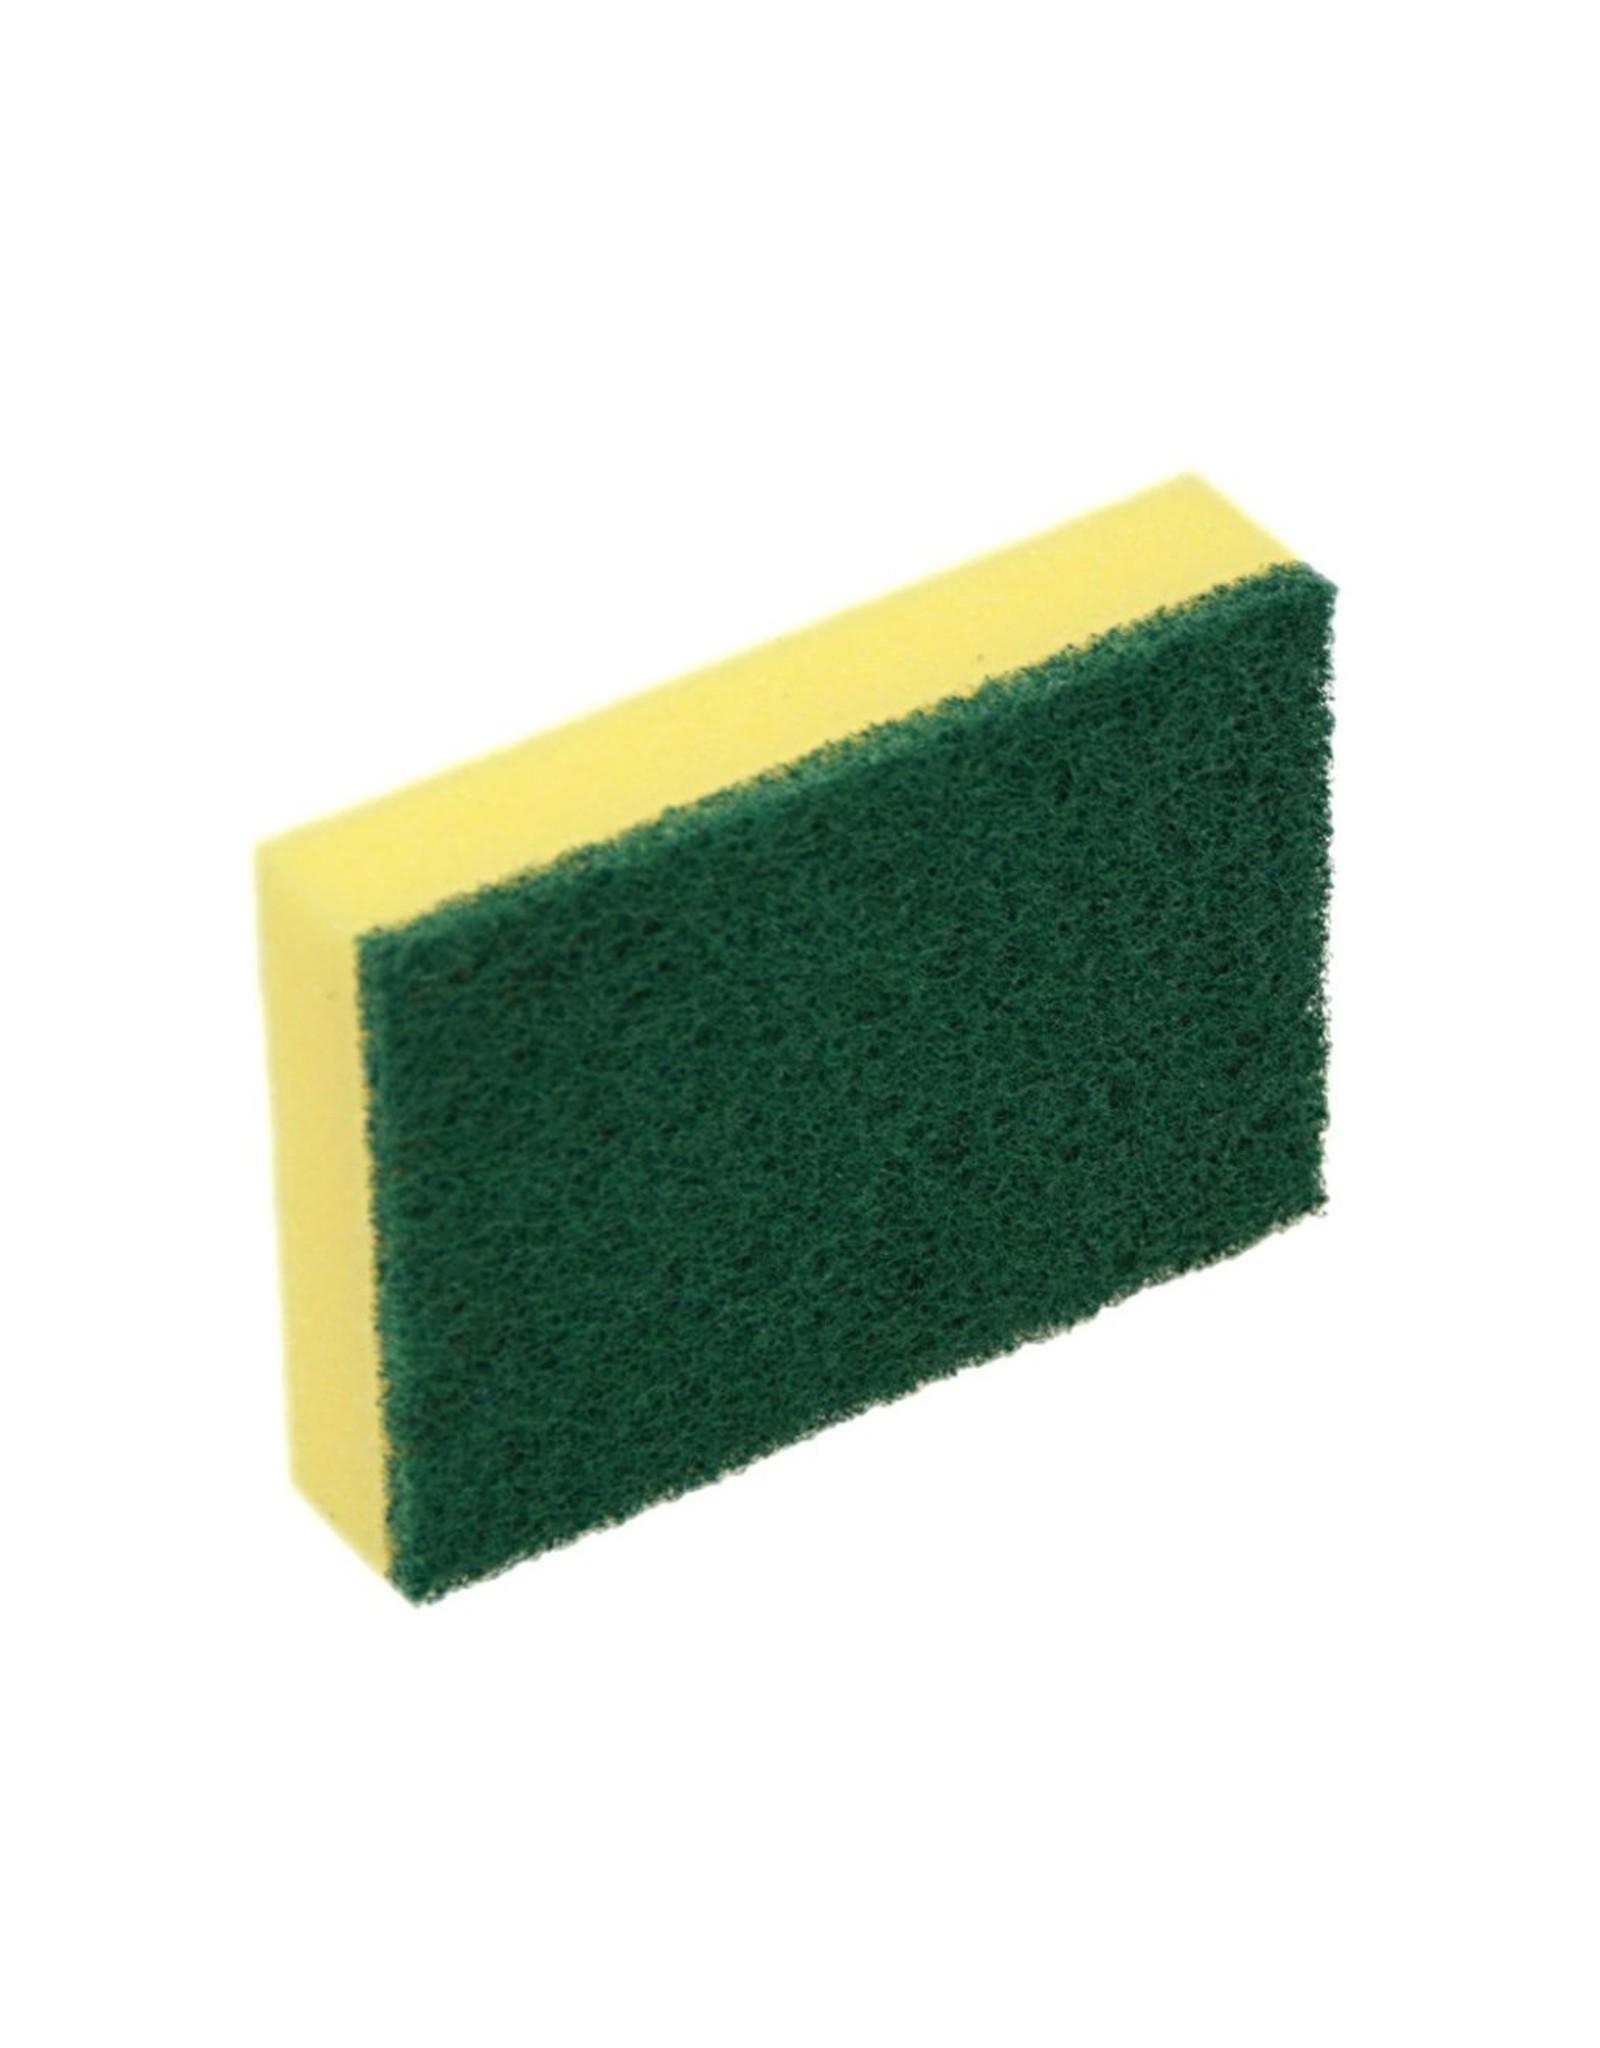 Acor Spons, schuur geel met groene pad 14x10x3cm. (pak 10 stuks)